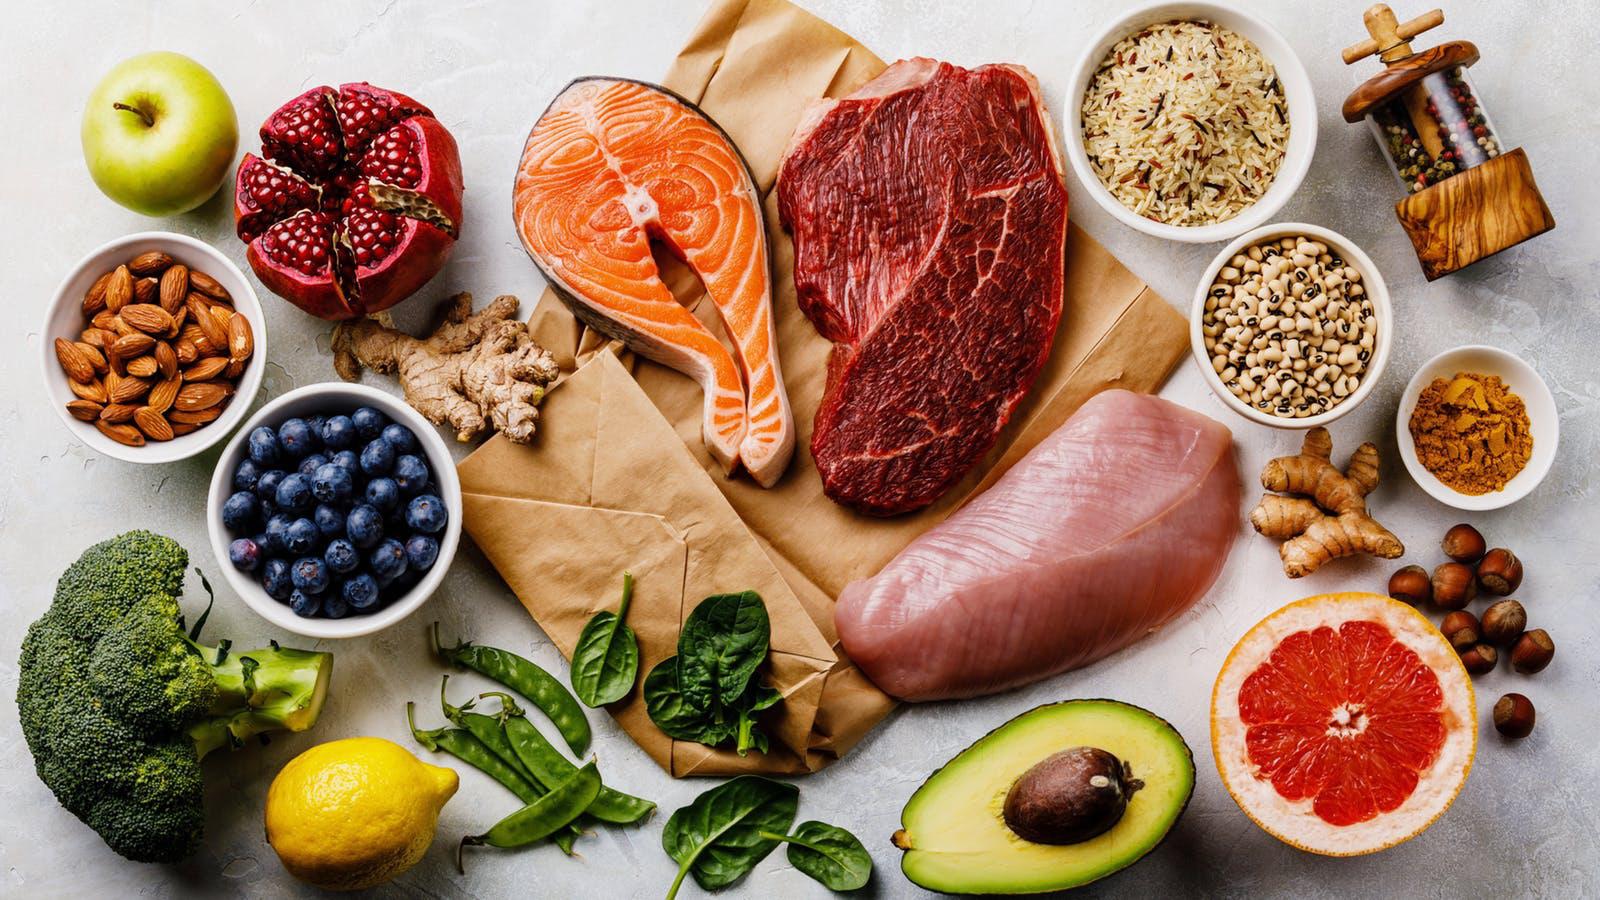 GS dinh dưỡng: 8 việc cốt lõi quyết định sức khỏe đời người, tiếc rằng nhiều người bỏ qua - Ảnh 3.